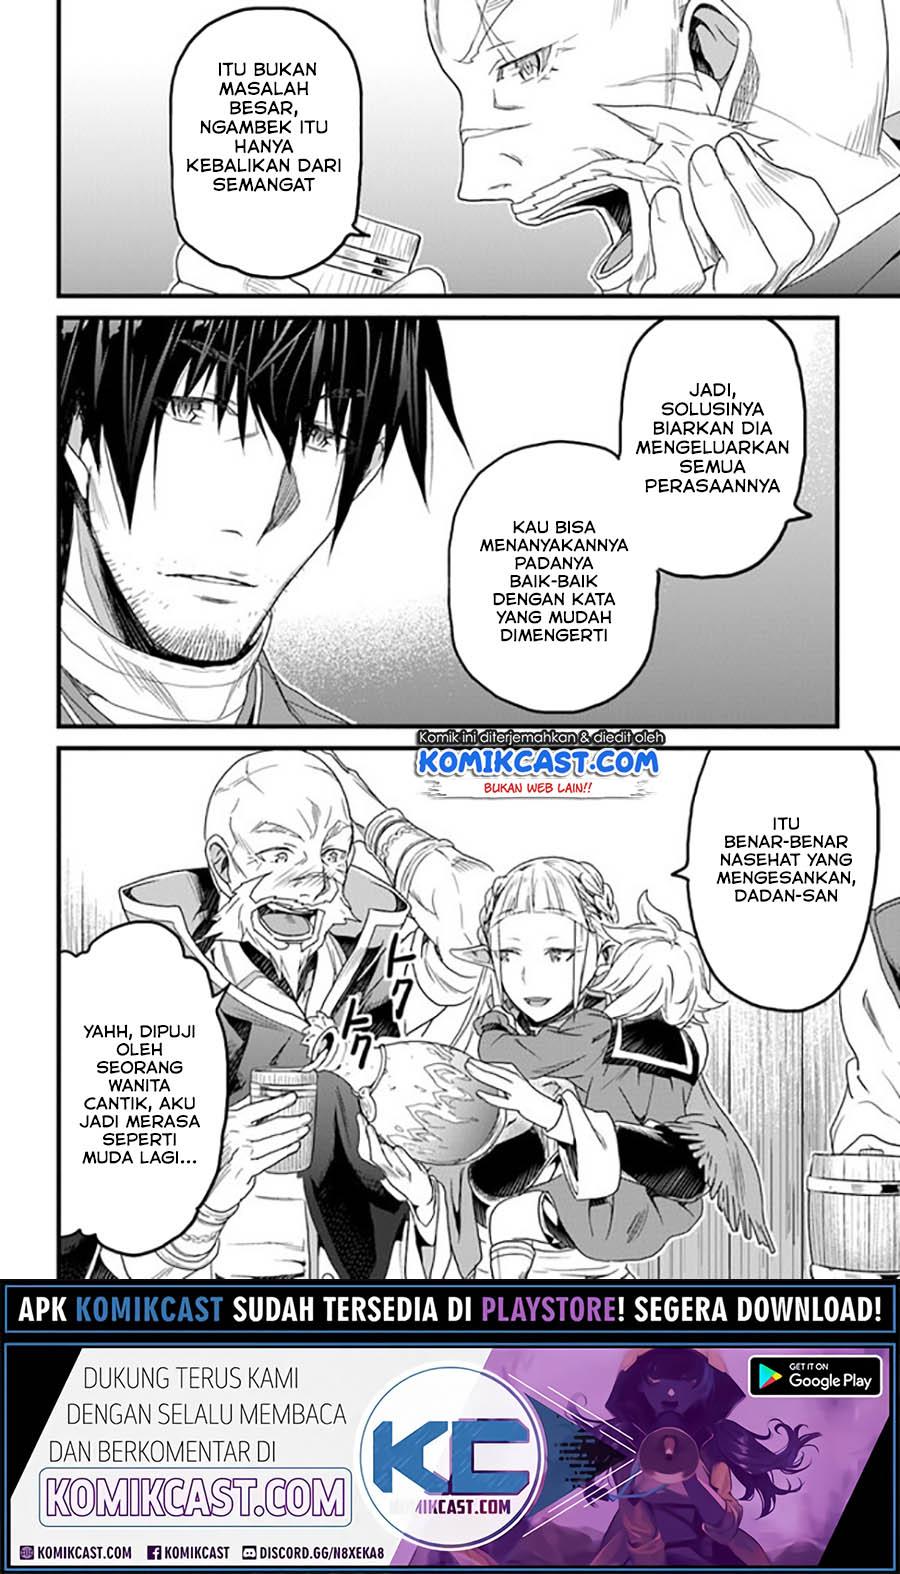 Yakudatazu Skill Ni Jinsei O Sosogikomi 25-nen, Imasara Saikyou No Boukentan Midori Kashi No Akira Chapter 17.1